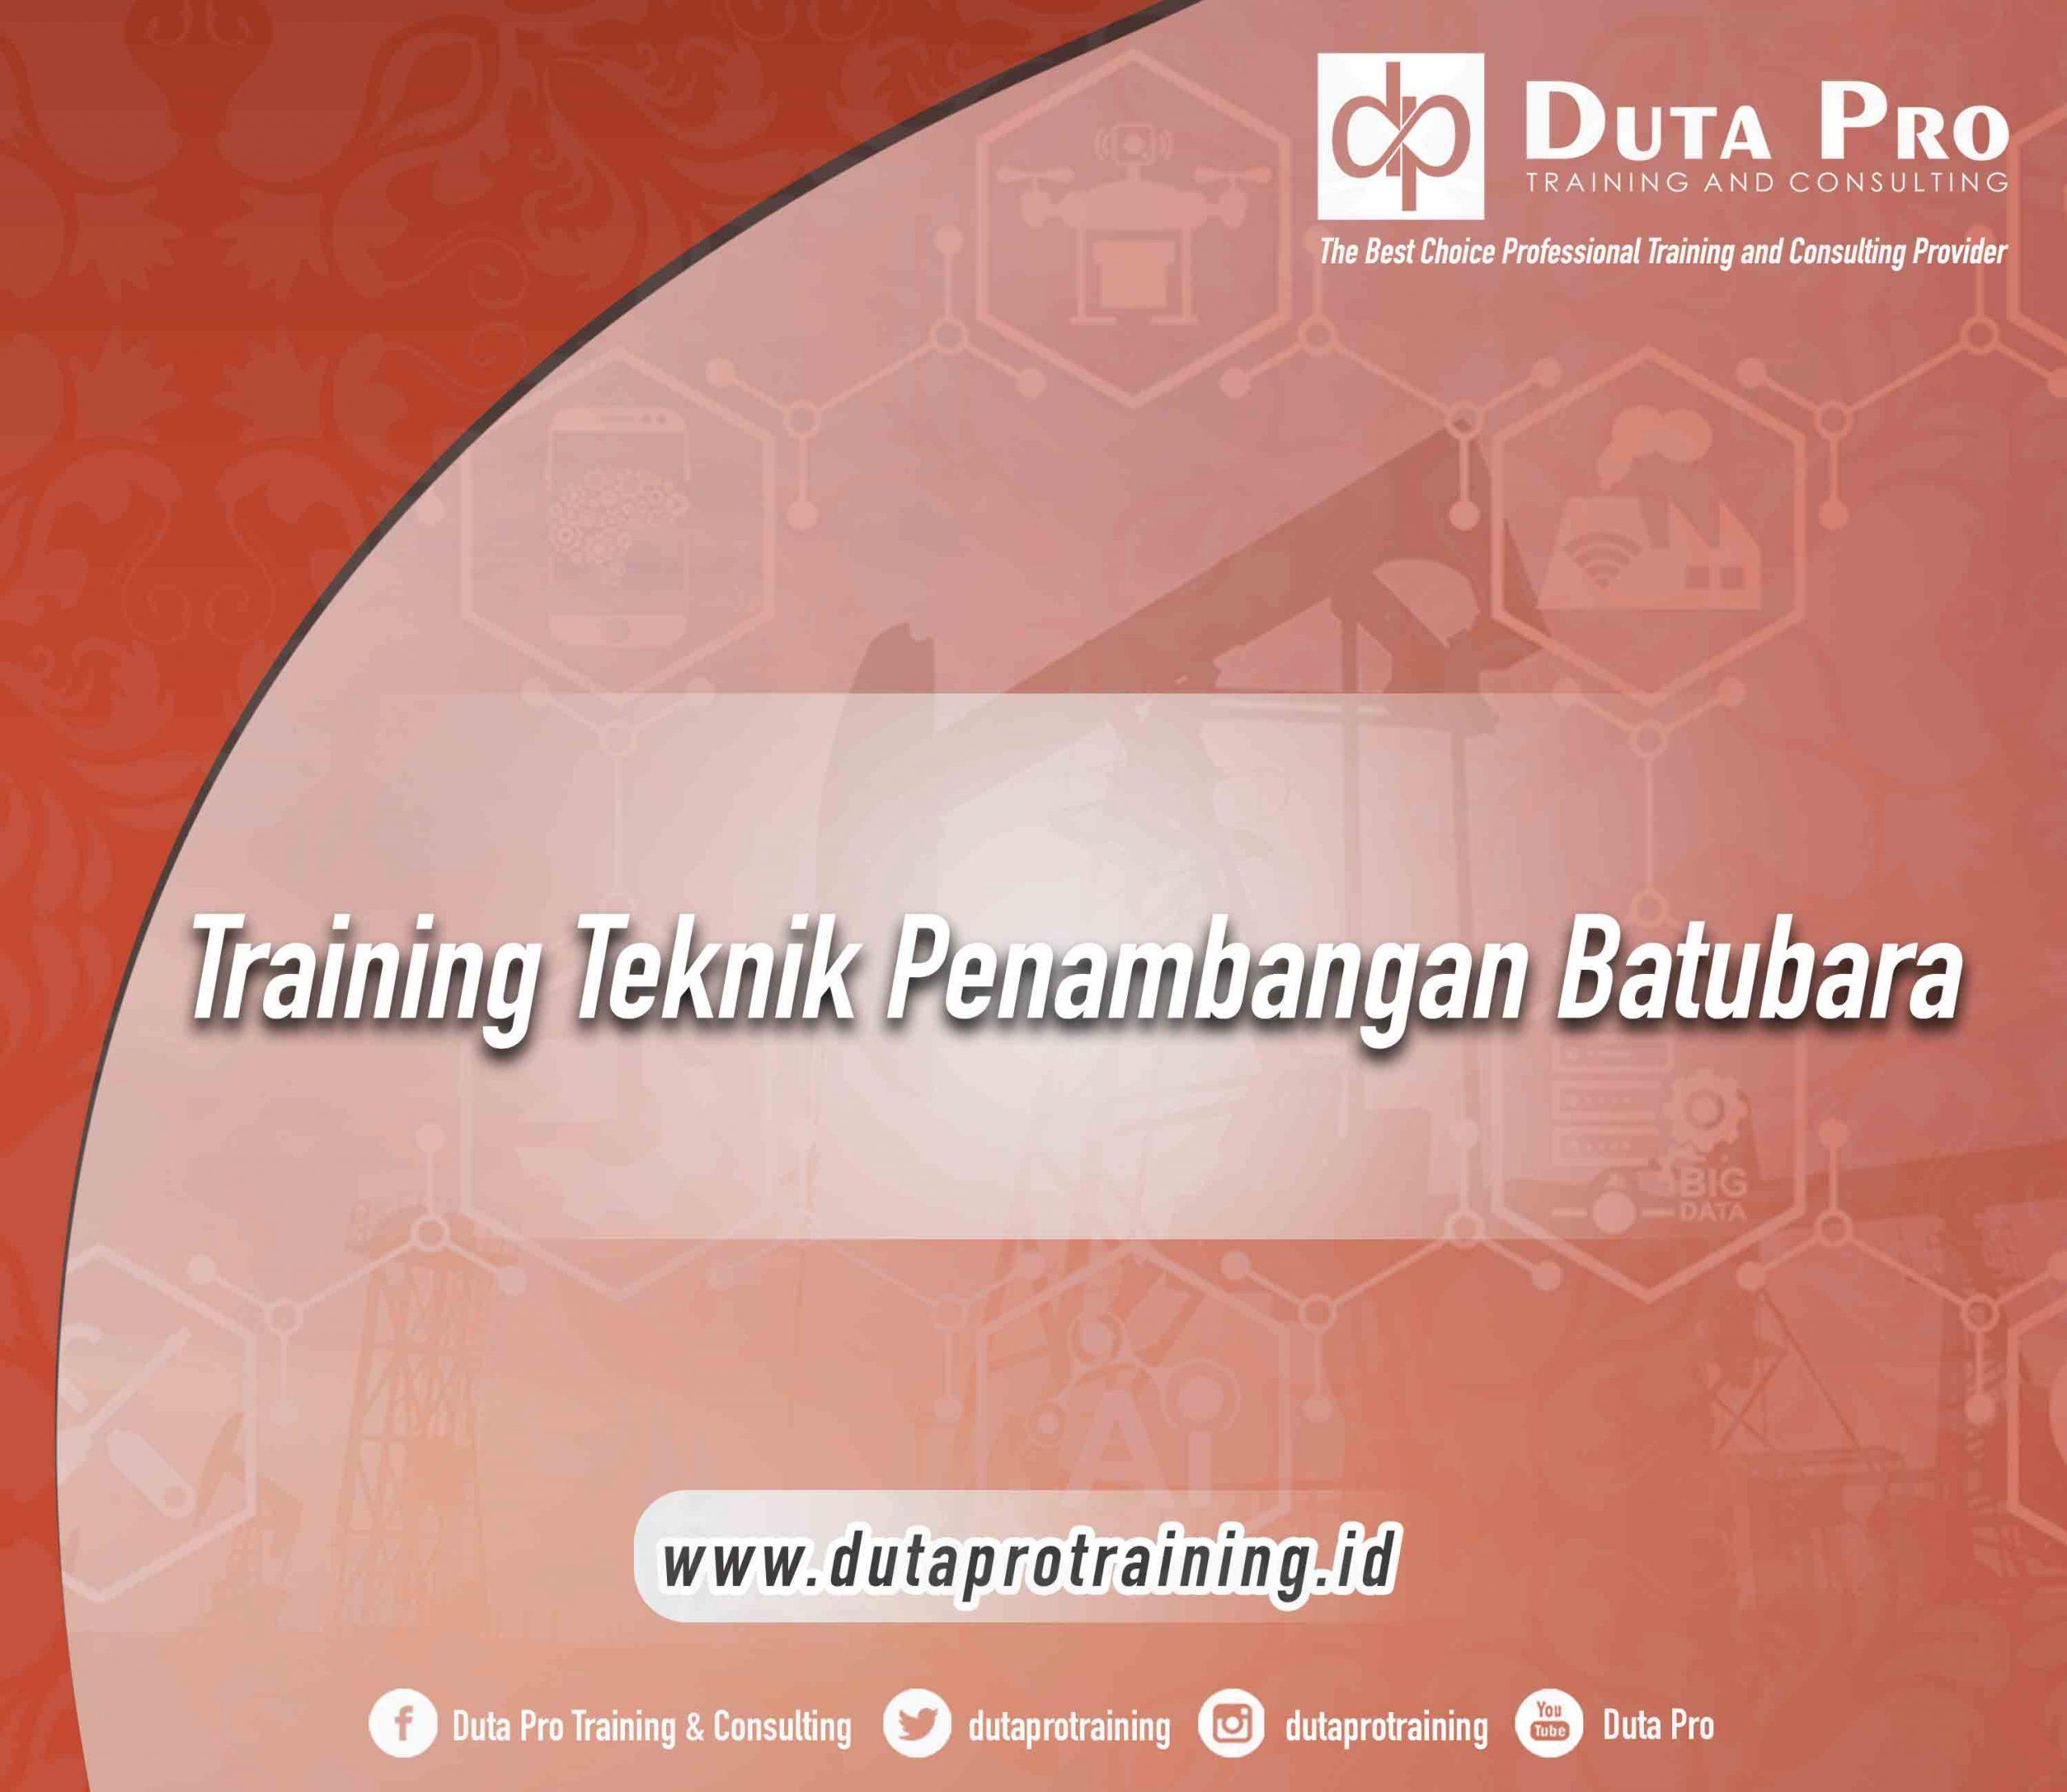 Training Teknik Penambangan Batubara